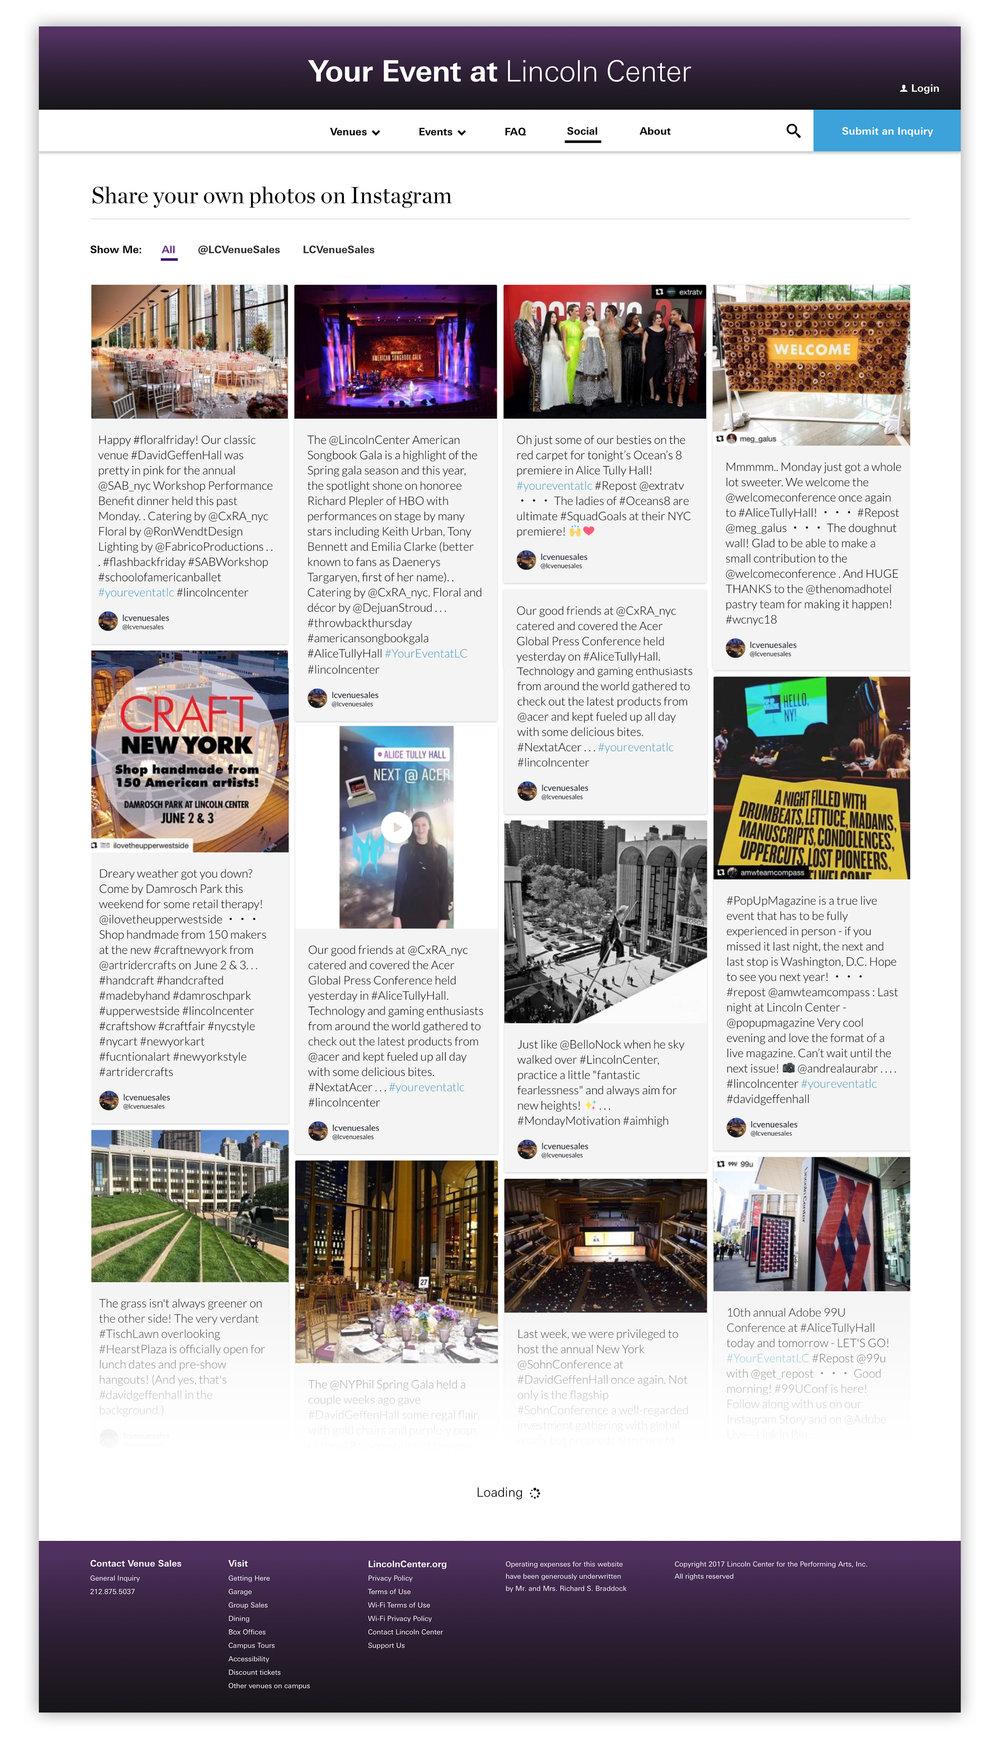 8-social-venues-sales.jpg